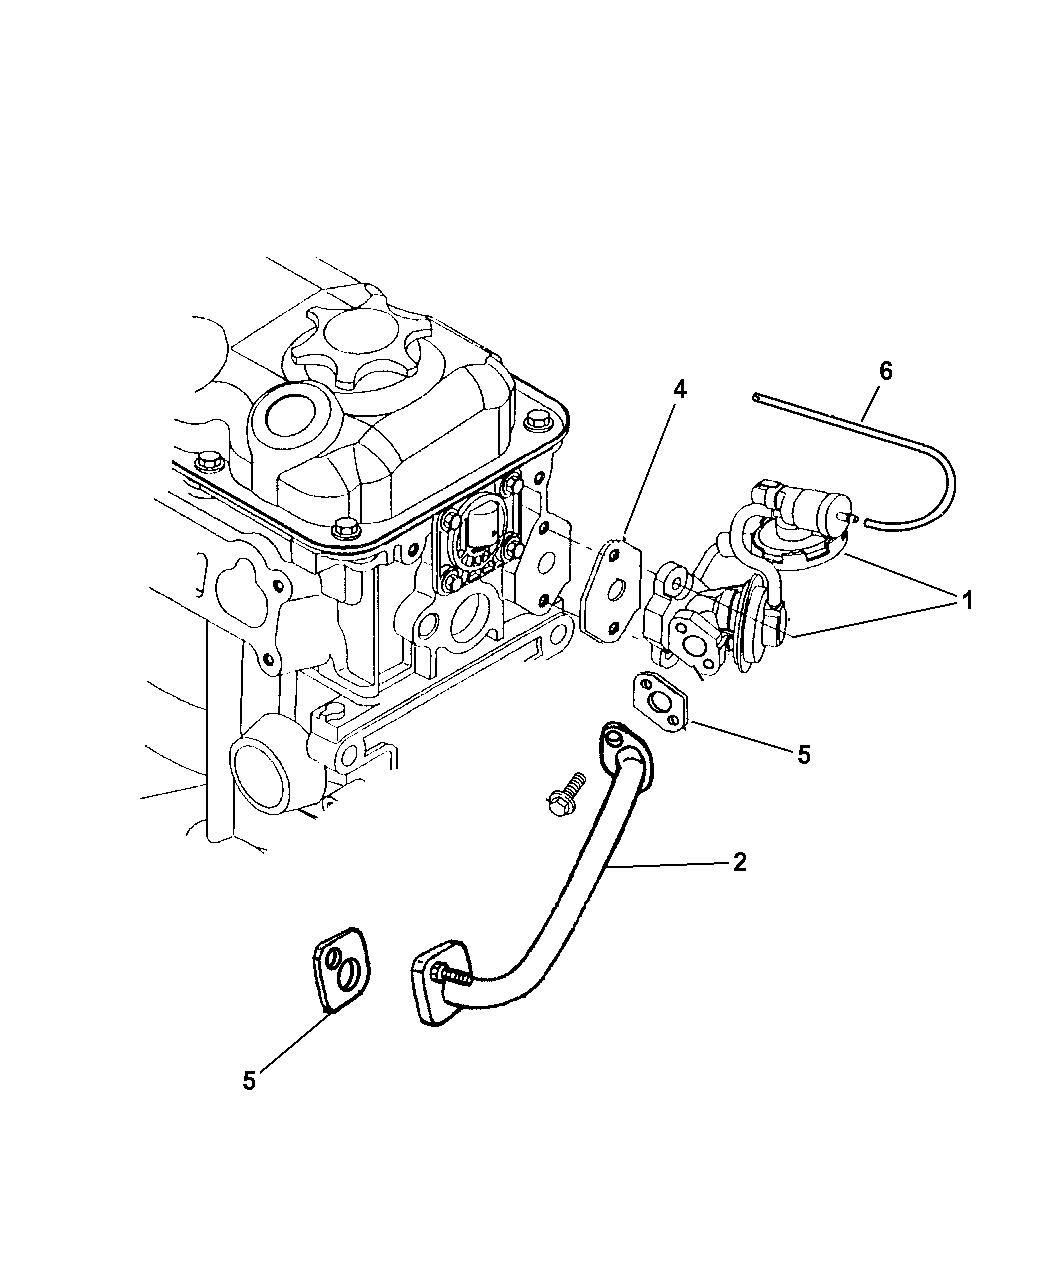 1997 Dodge Neon EGR System